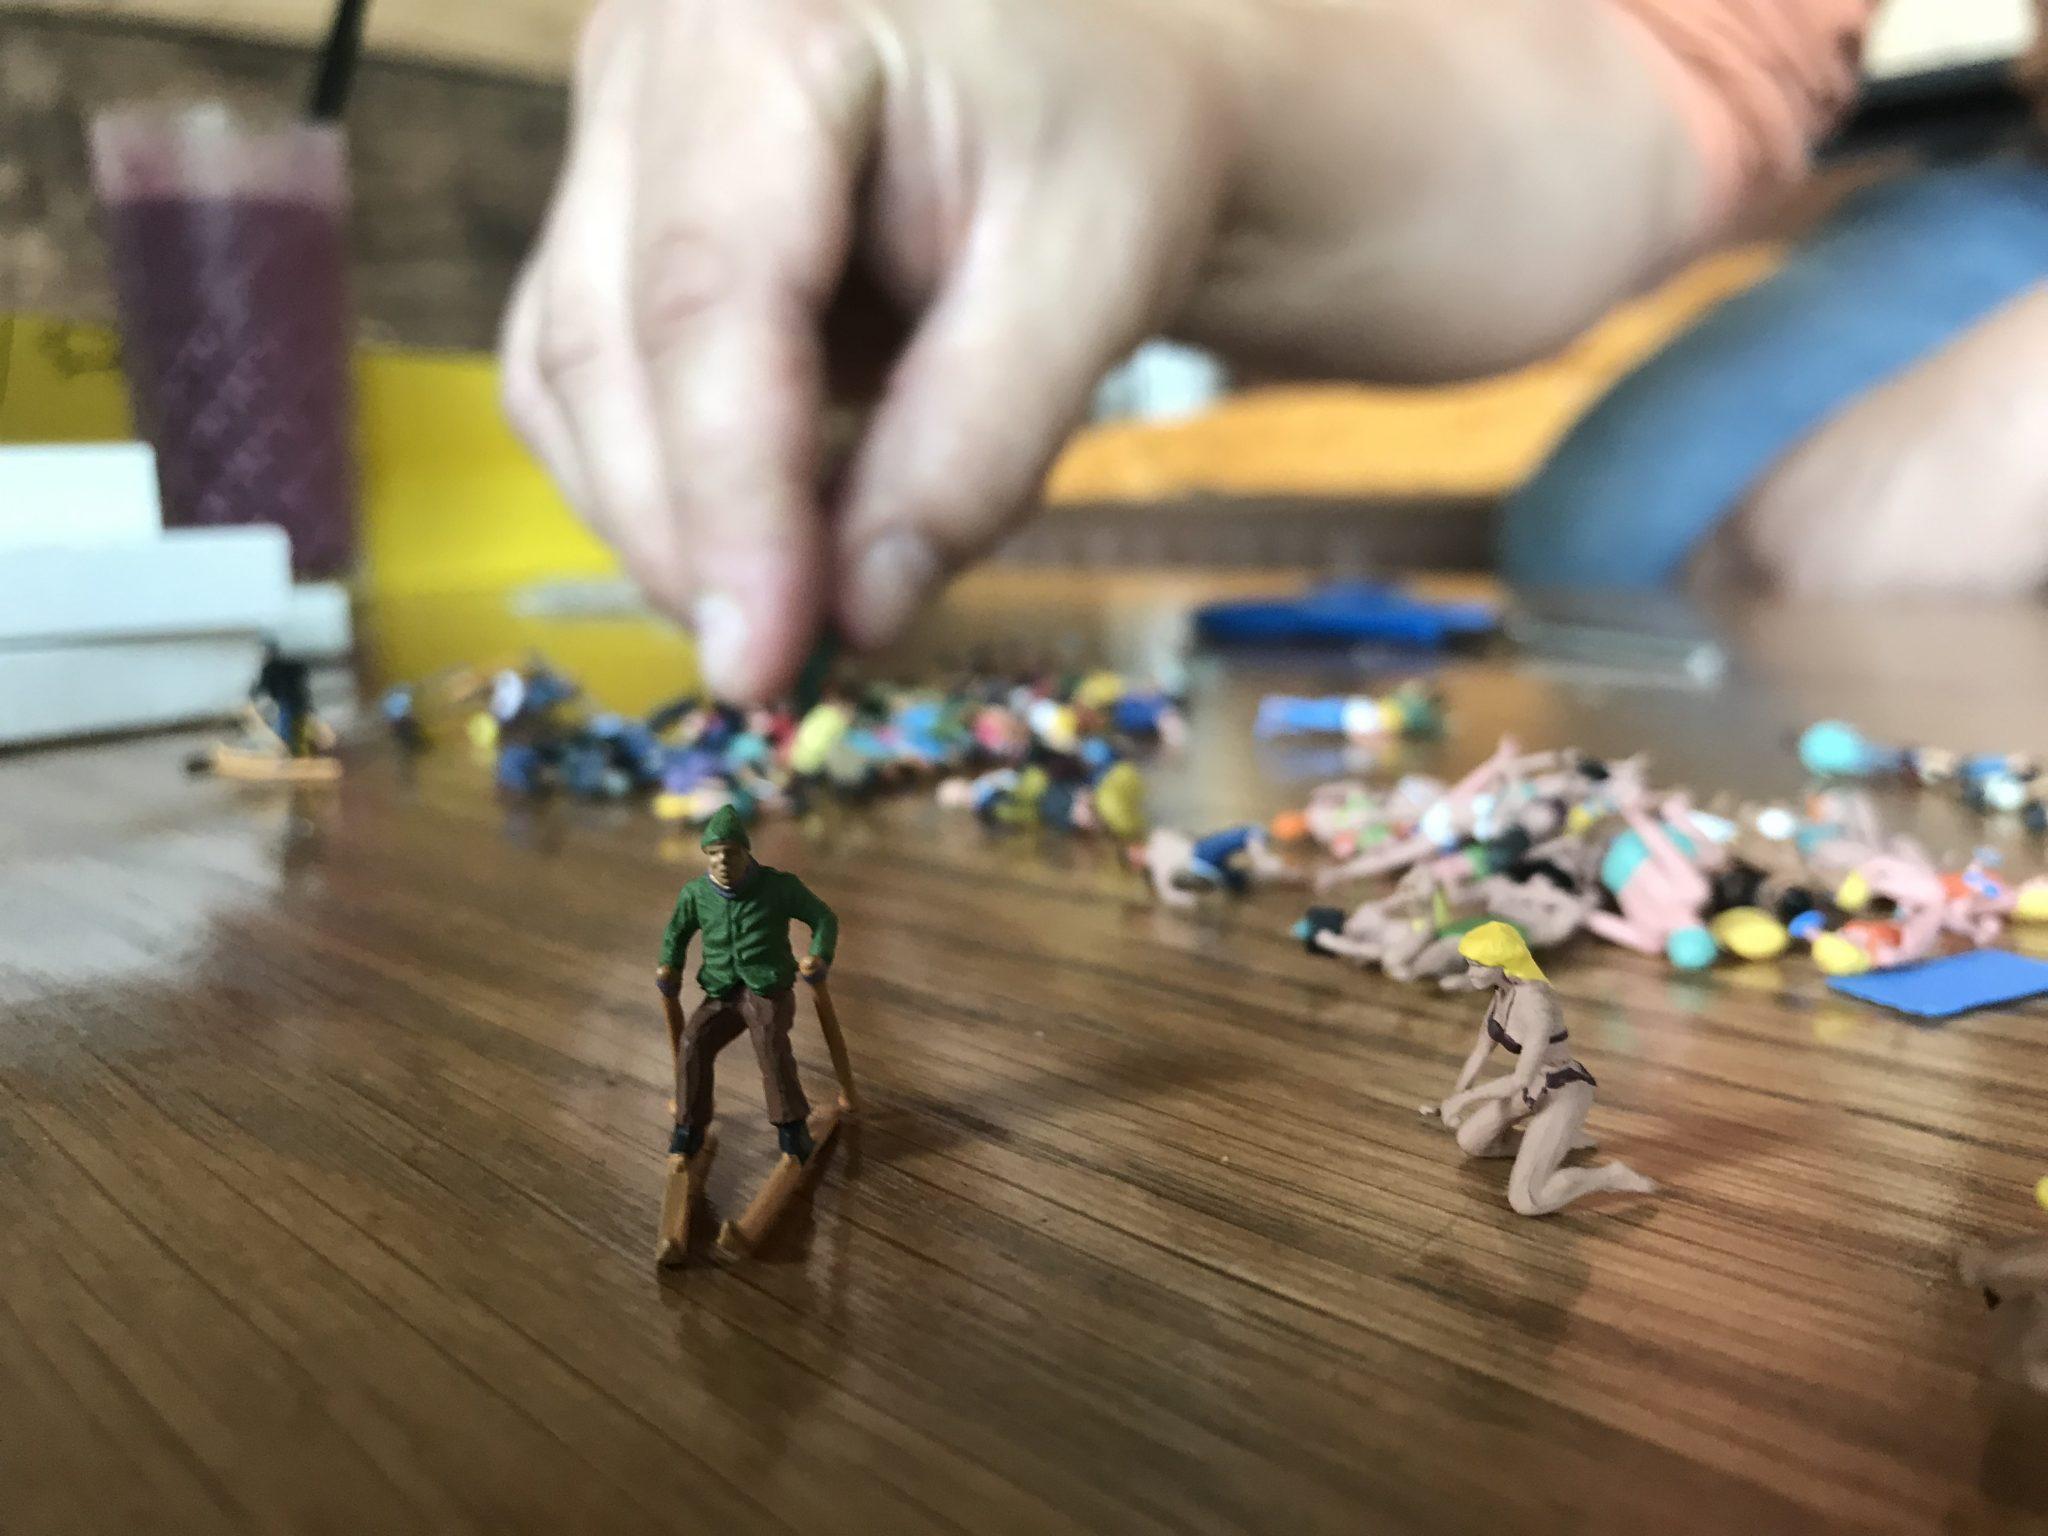 Pöydällä on kasa pieniä leikkifiguureja, jotka esittävät ihmisiä. Aikuisen ihmisen käsi kurottuu poimimaan yhtä niistä.